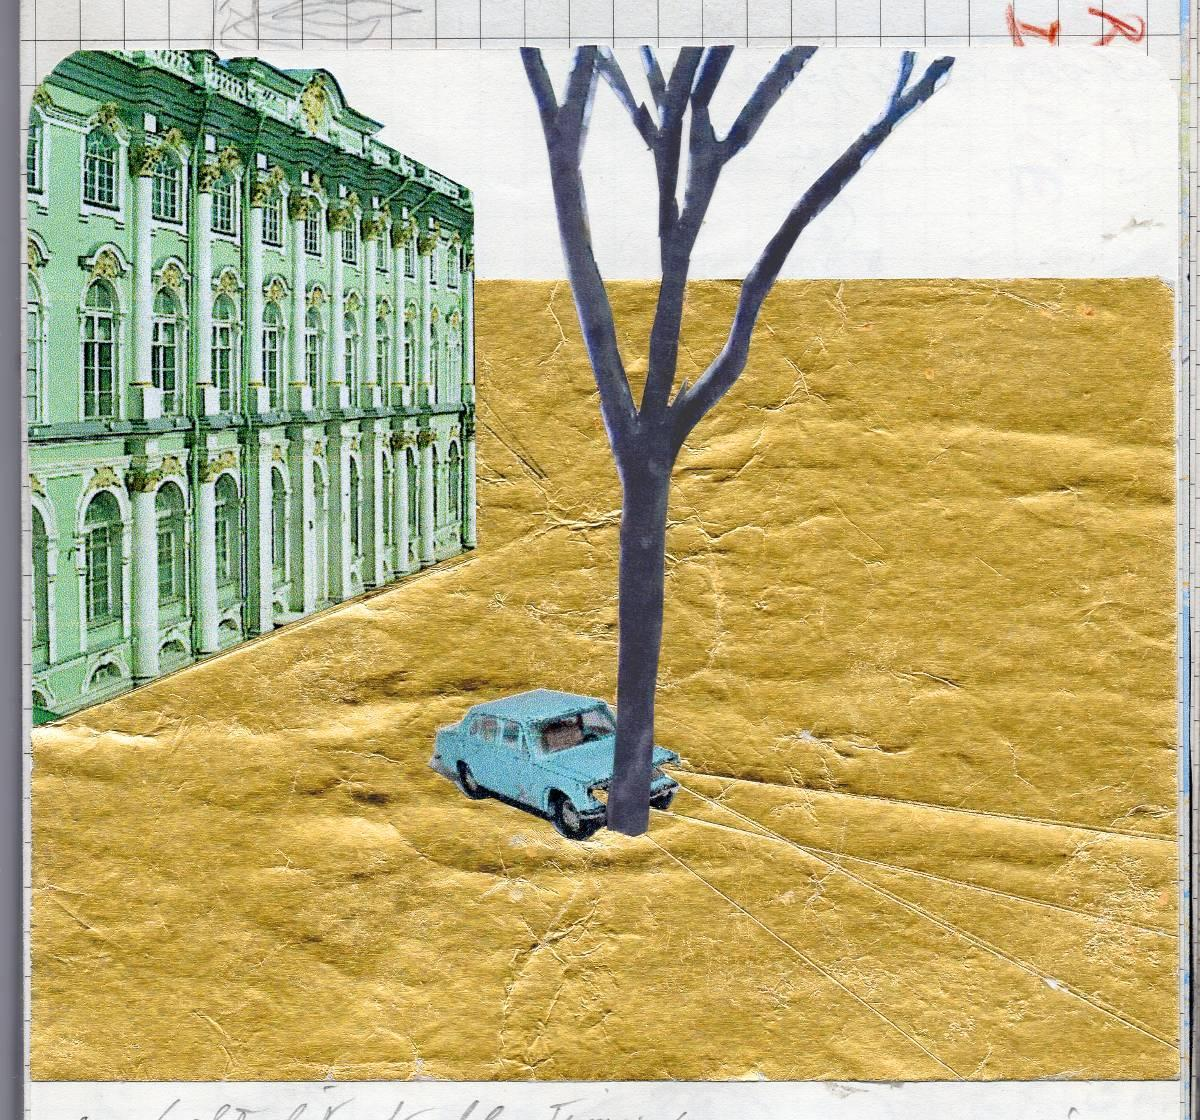 """Francis Alÿs skiss för """"Lada Kopeika Project"""" som visas på konstbiennalen i St Petersburg. Bilmodellen är full av symbolik för en publik från båda sidor järnridån, skriver Fredrik Svensk."""